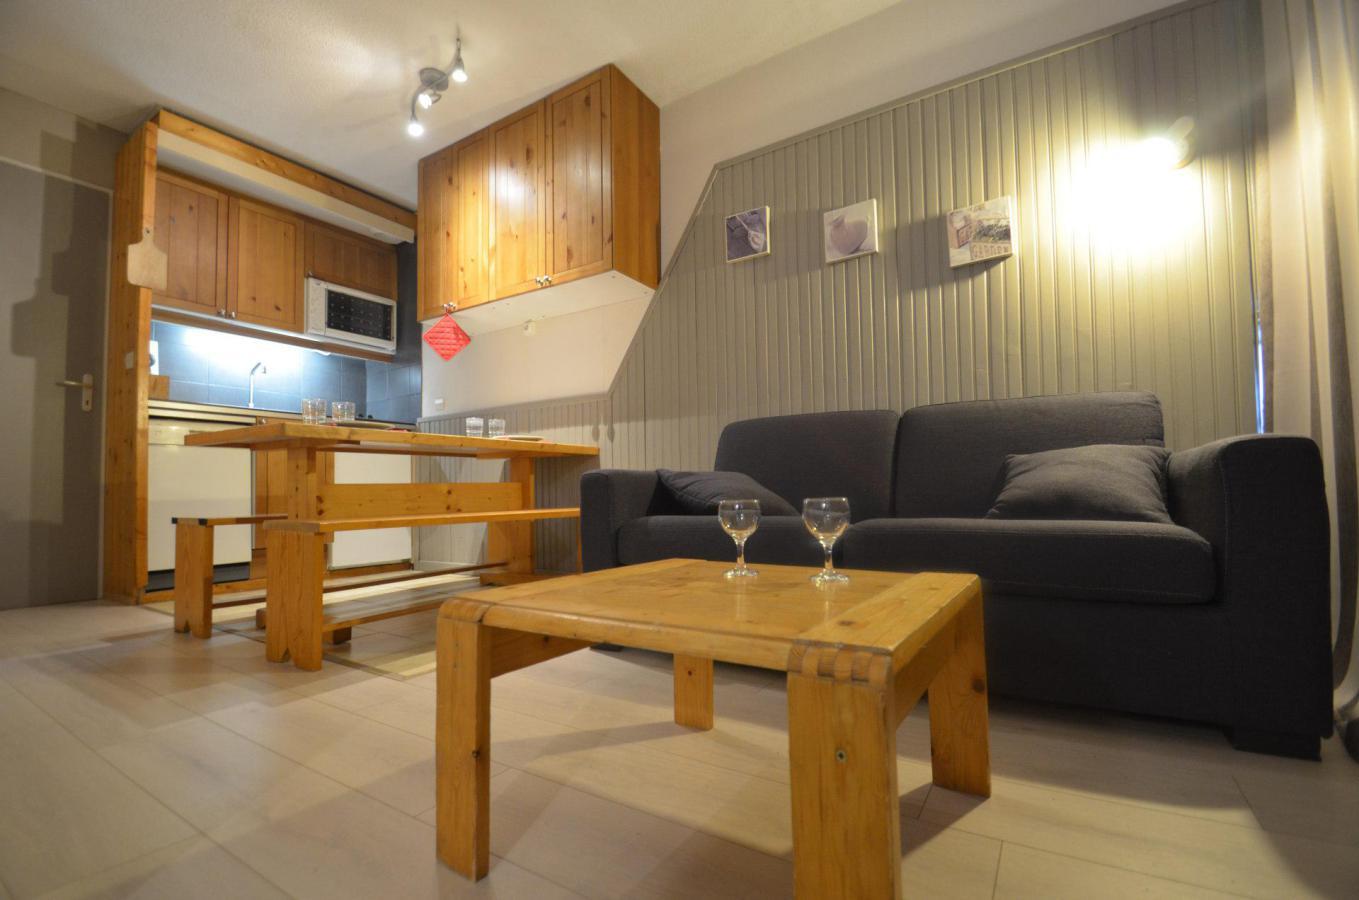 Location au ski Studio 2 cabines 4 personnes (205) - Residence Le Villaret - Les Menuires - Salle de bains